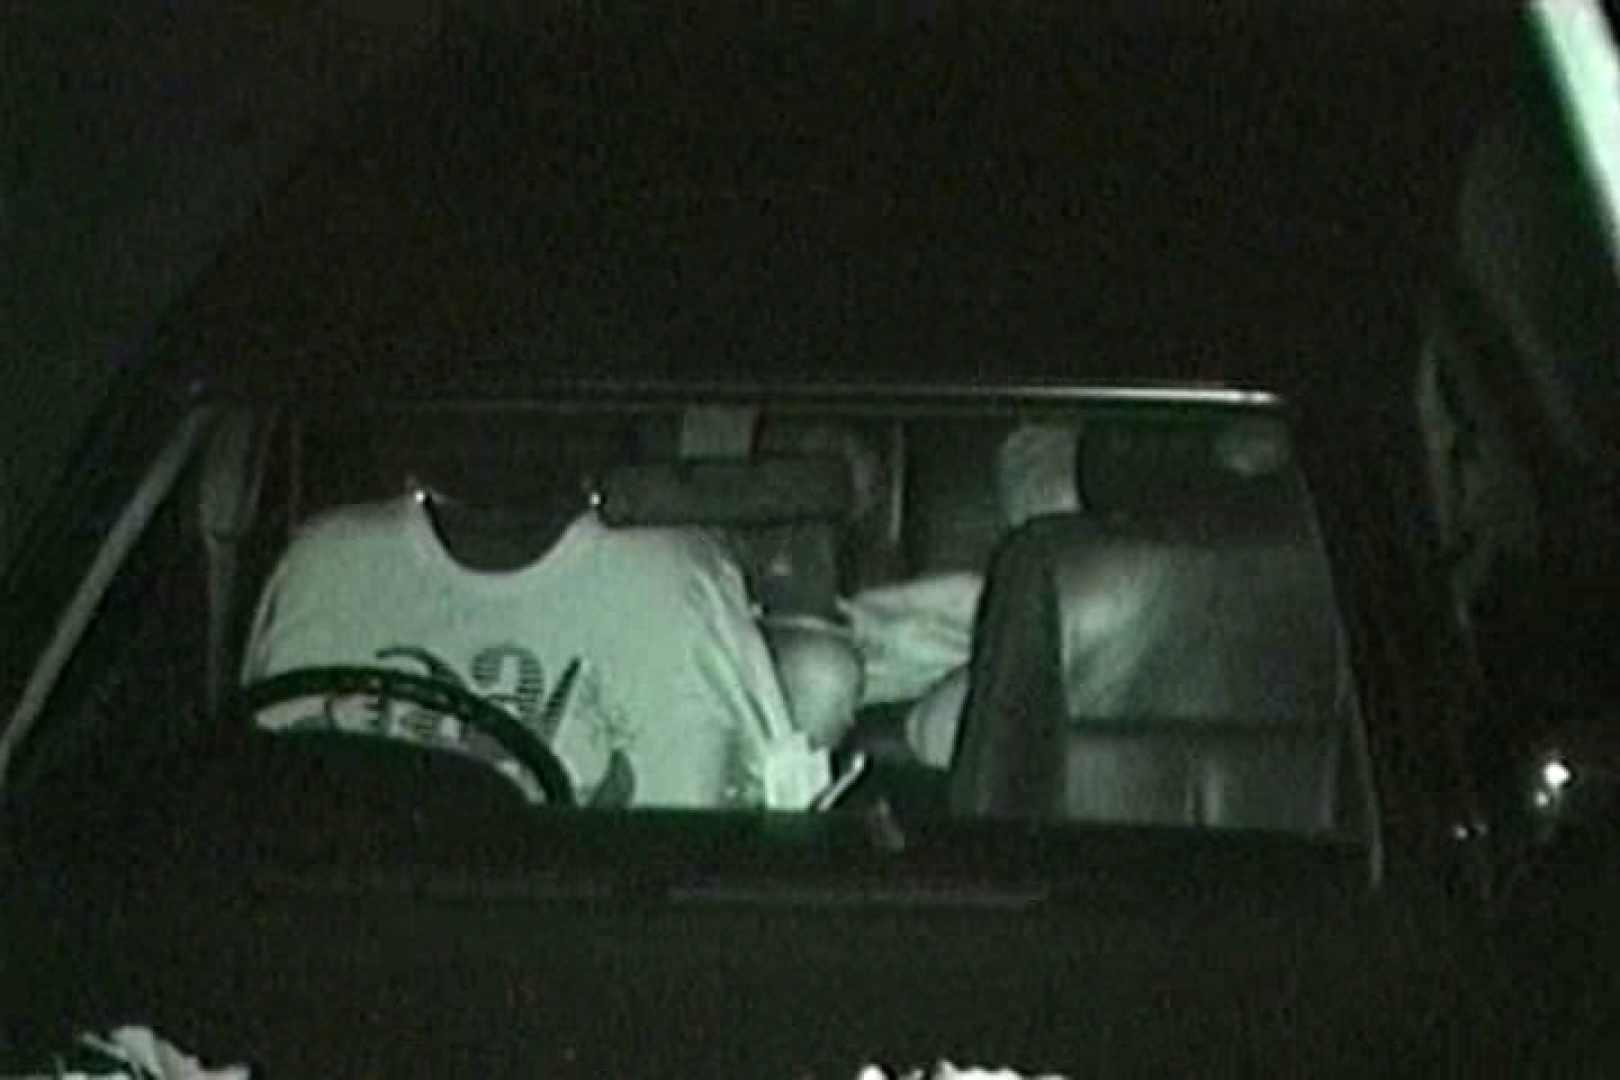 車の中はラブホテル 無修正版  Vol.8 カーセックス エロ無料画像 68連発 60